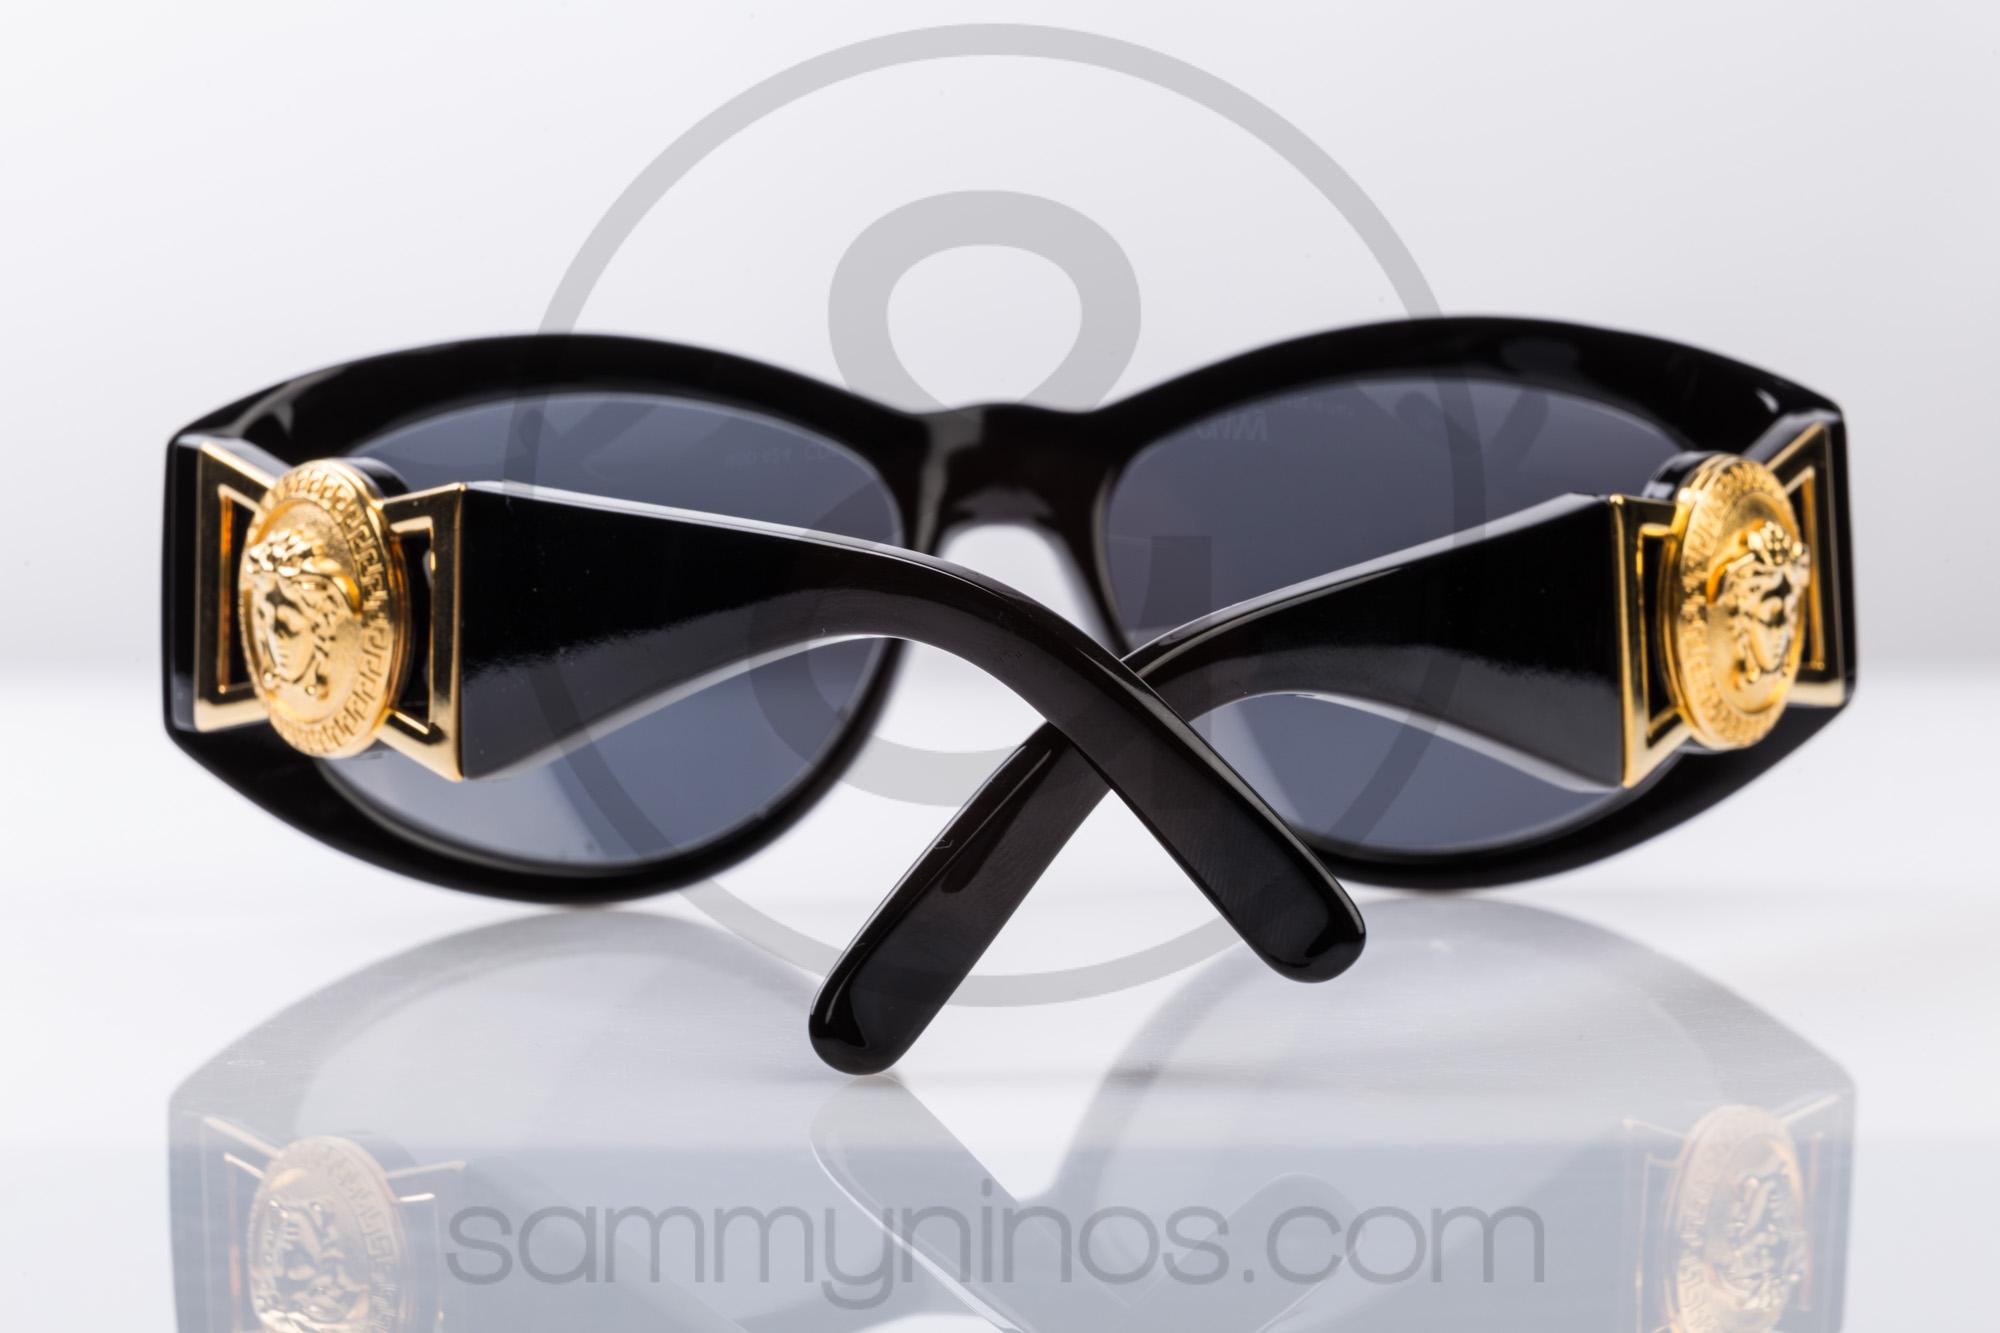 f7f9f3a884 Gianni Versace Vintage Medusa Sunglasses